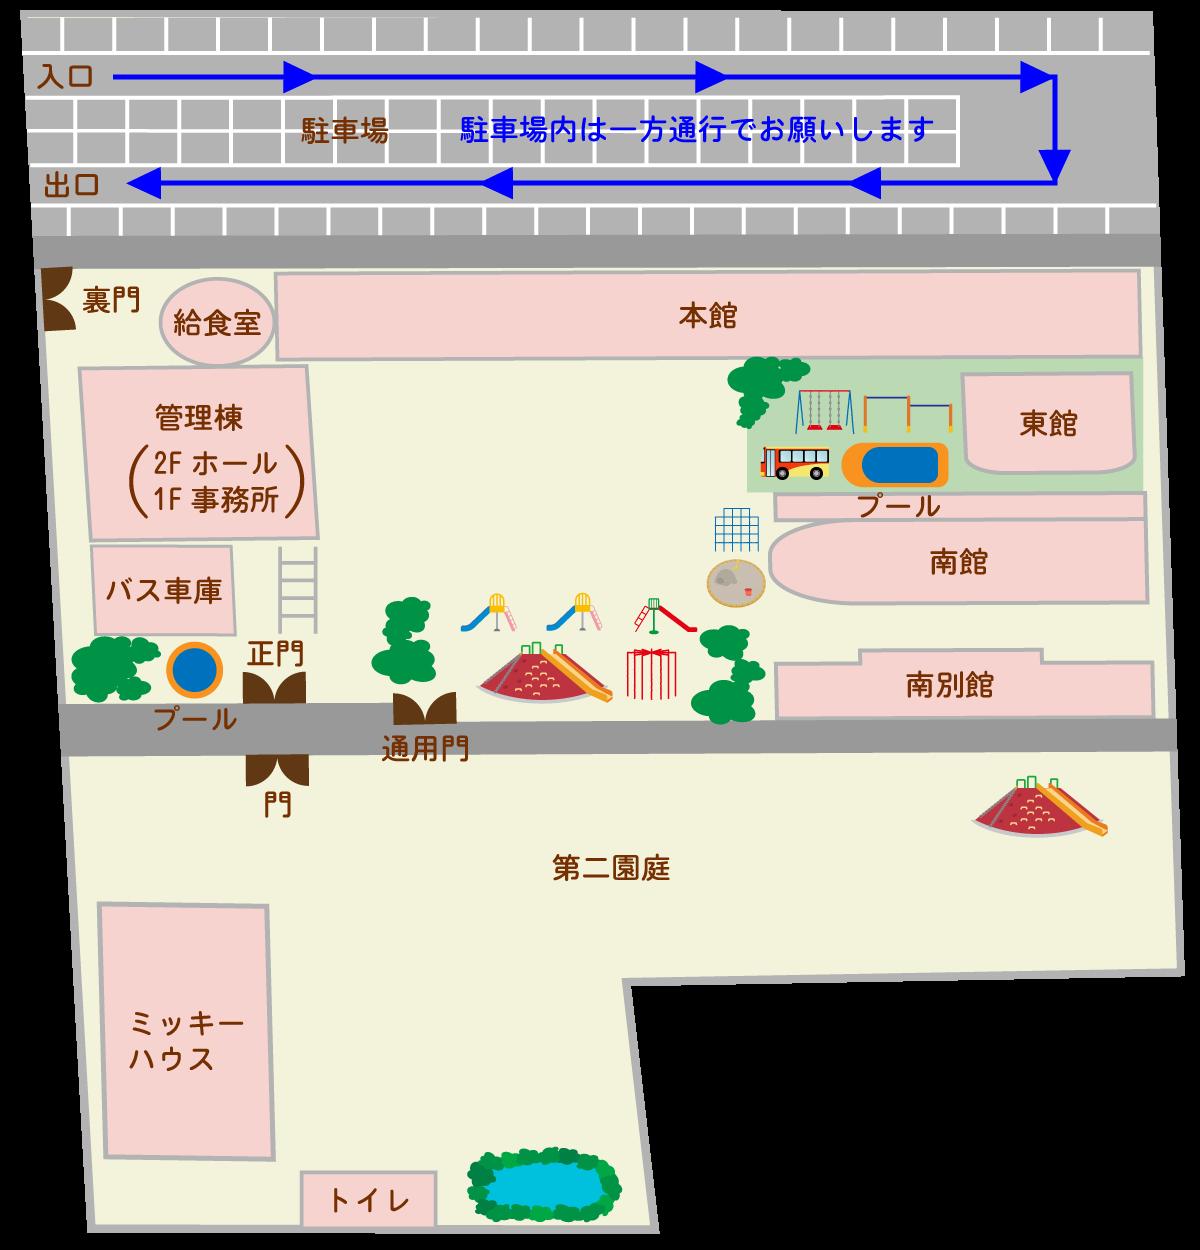 上野台幼稚園施設紹介1F